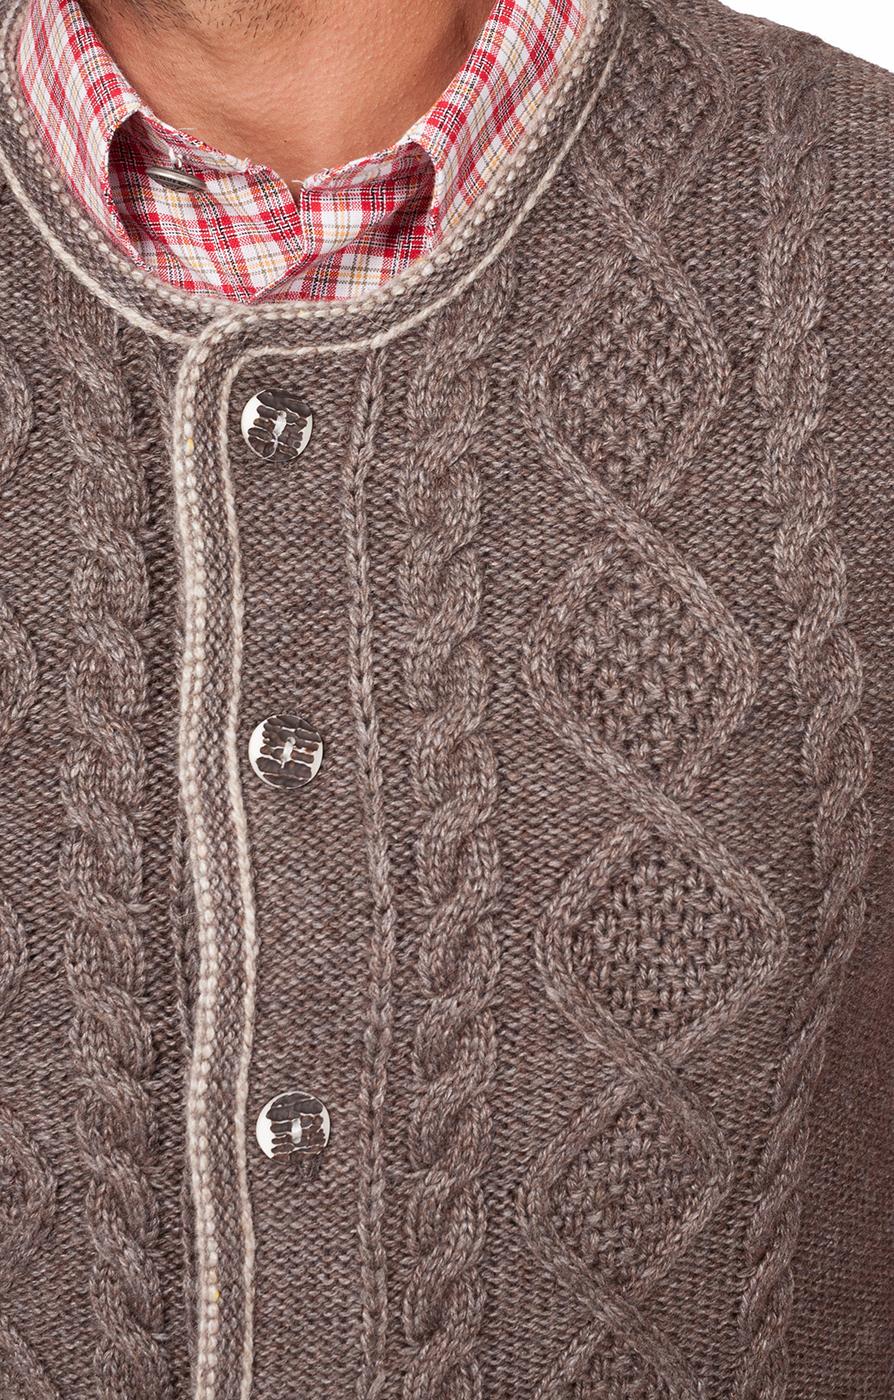 weitere Bilder von Trachten Strickweste ERMELO beige braun